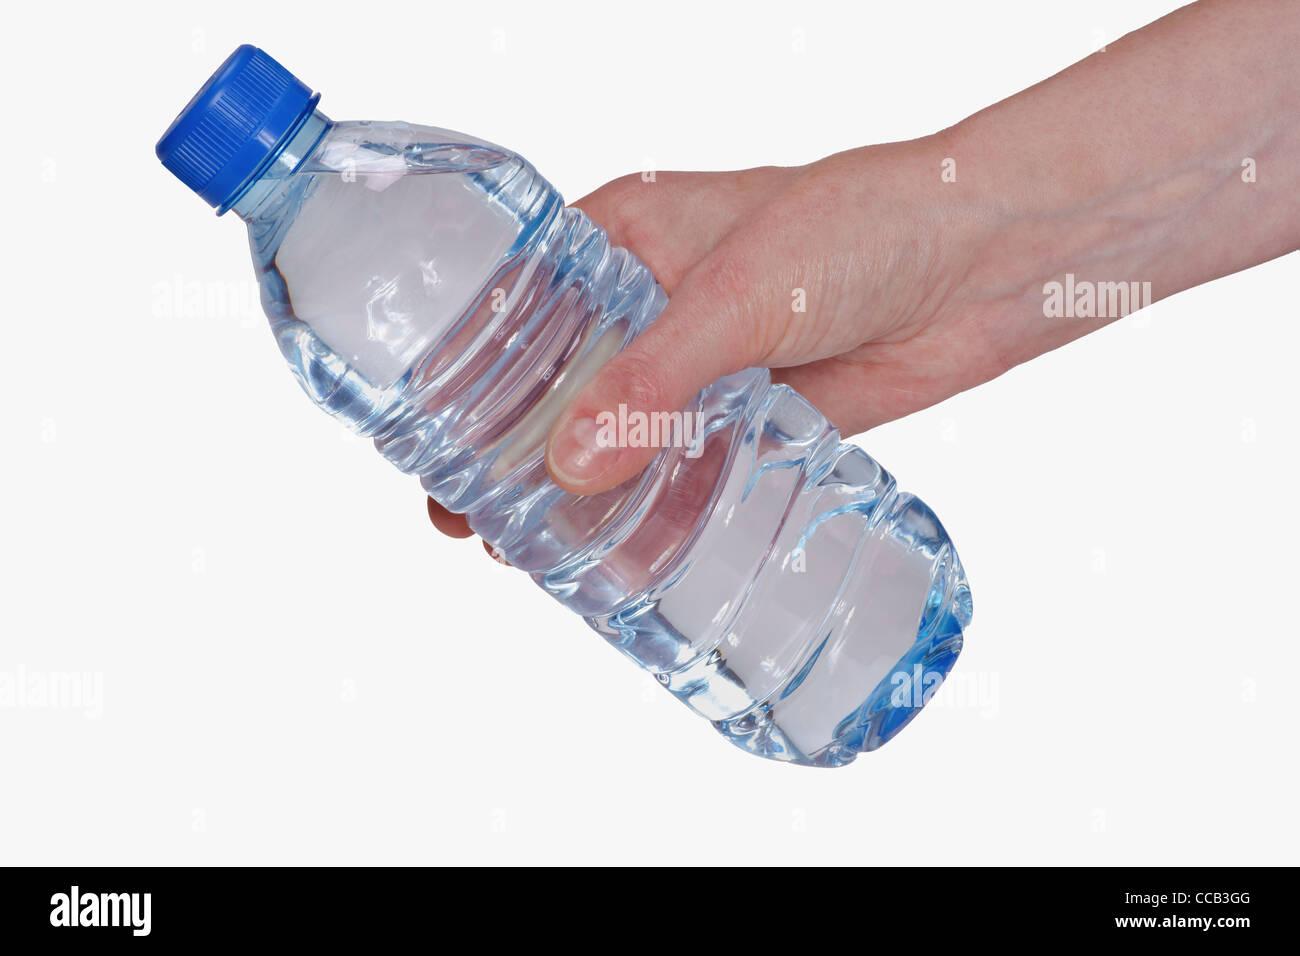 Eine Wasserflasche wird in der Hand gehalten | a water bottle is hand-held Stock Photo